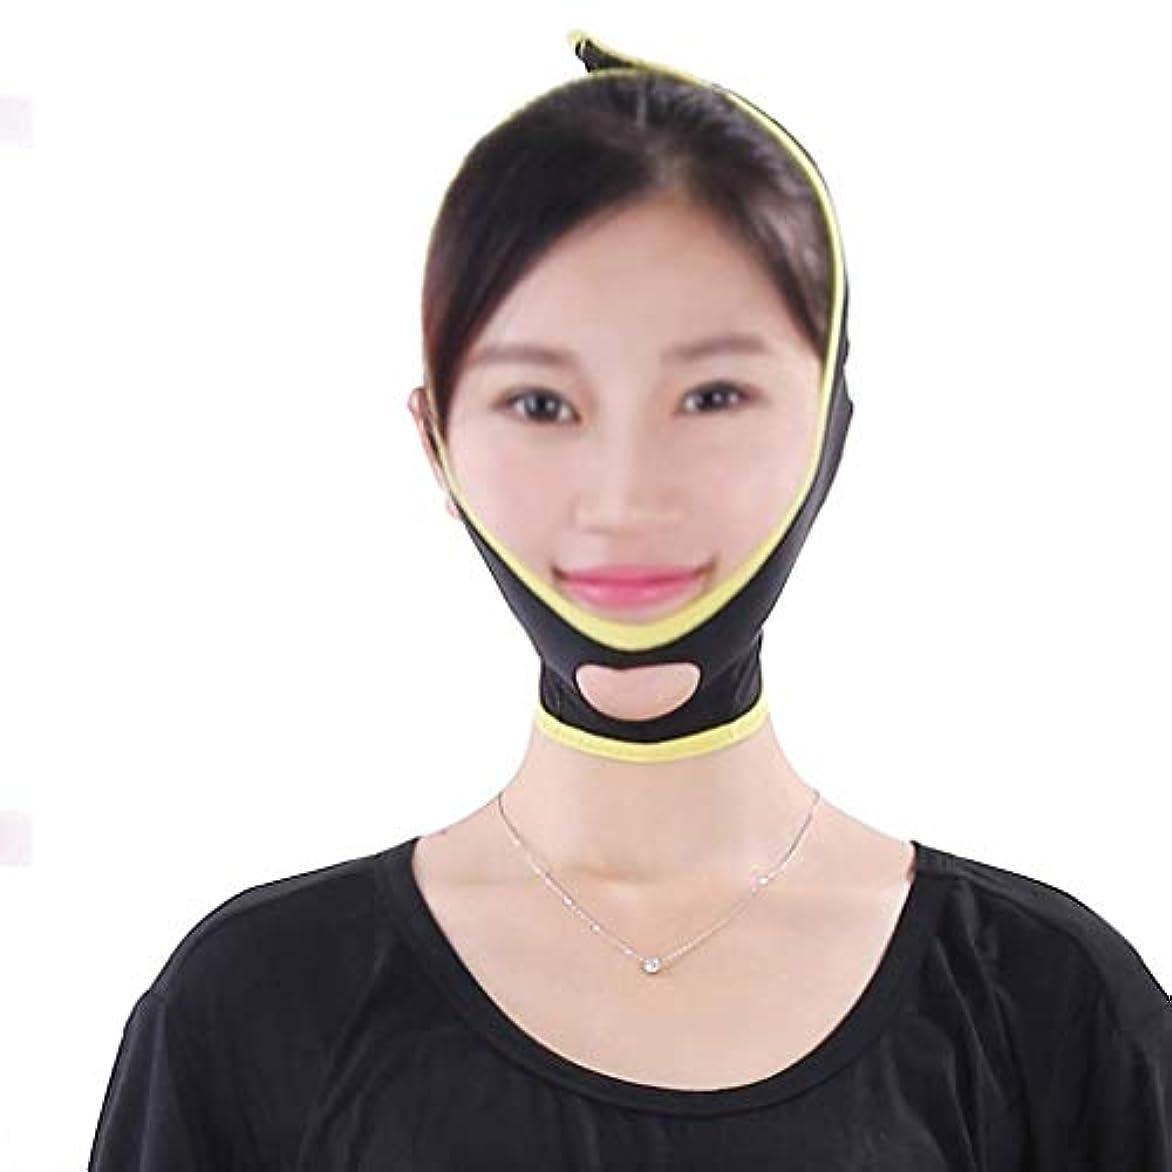 不純穴めまいフェイシャルマスク、男性と女性のフェイスリフティングアーティファクト包帯美容リフティングファーミングサイズVフェイスダブルチン睡眠マスク埋め込みシルク彫刻スリミングベルト(サイズ:L)